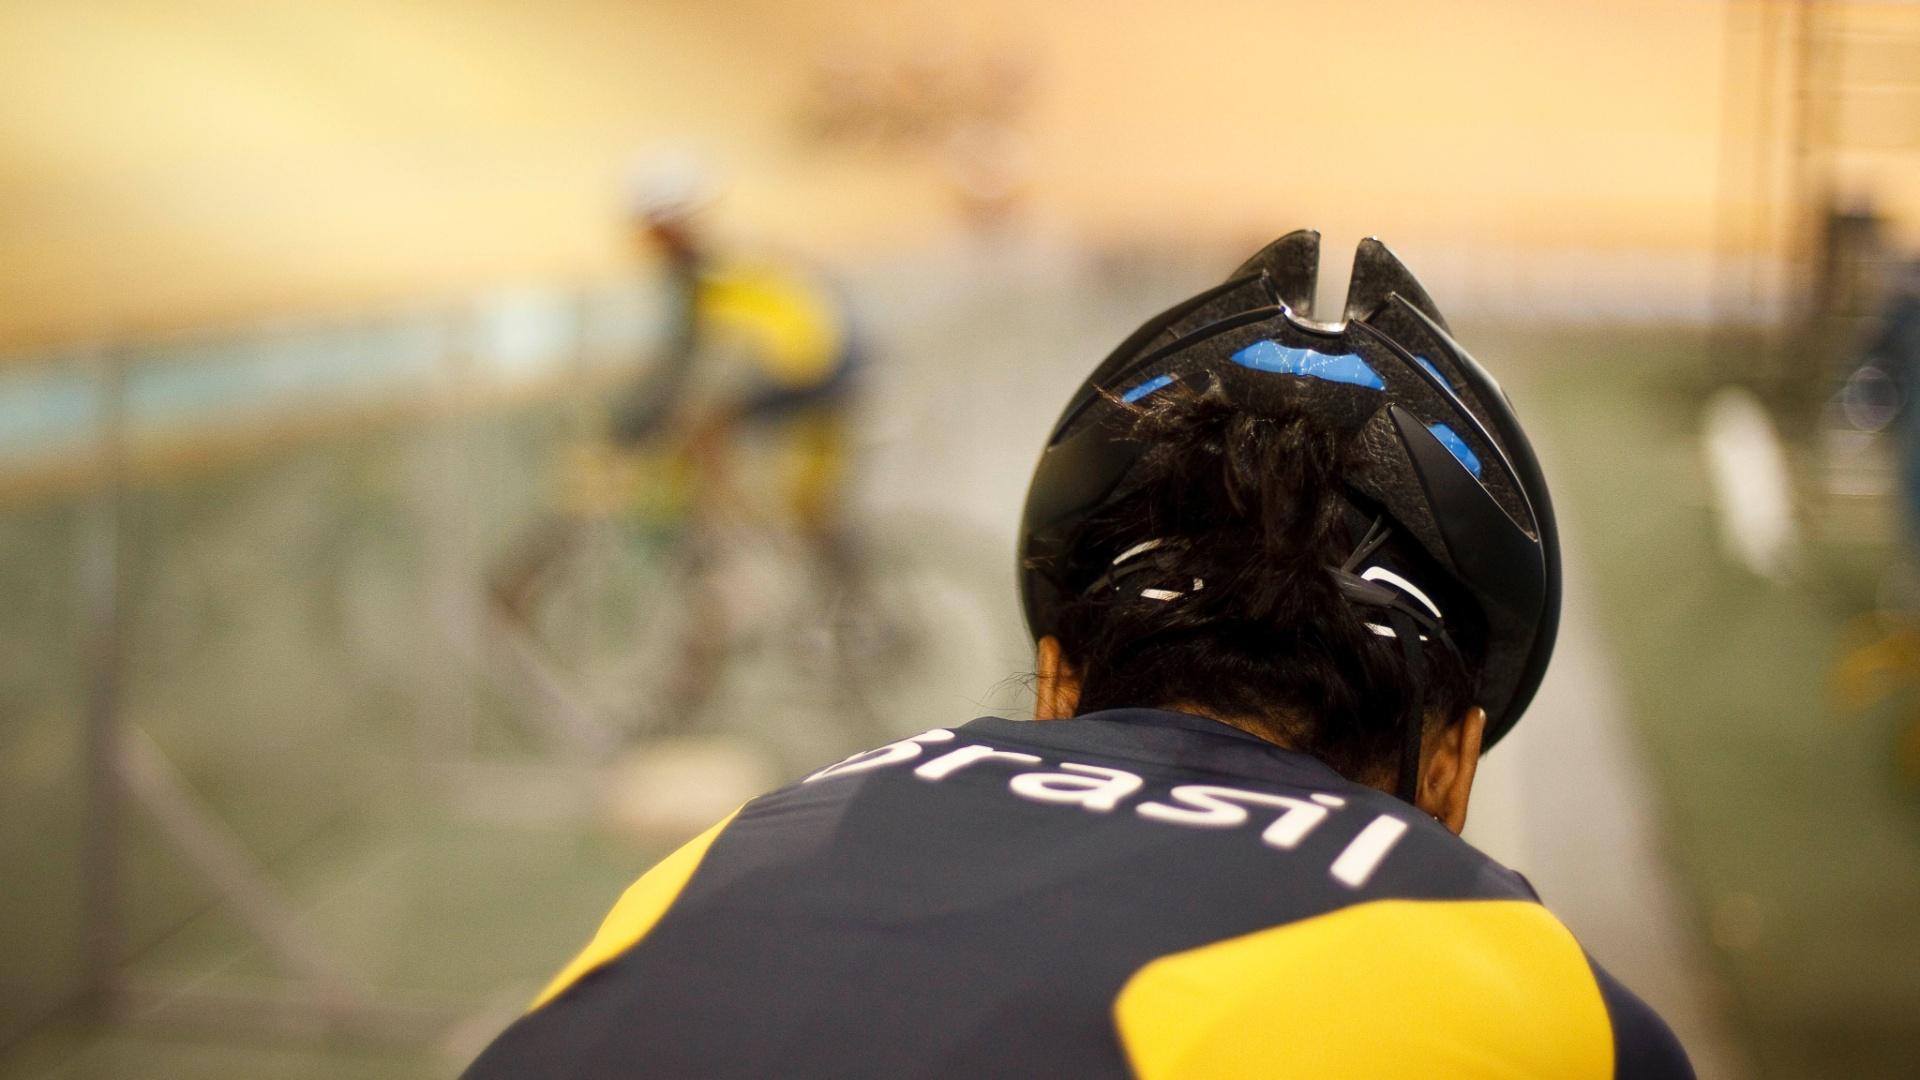 Ciclista brasileira participa de treino em Guadalajara. Cerimônia de abertura dos Jogos acontece nesta sexta-feira